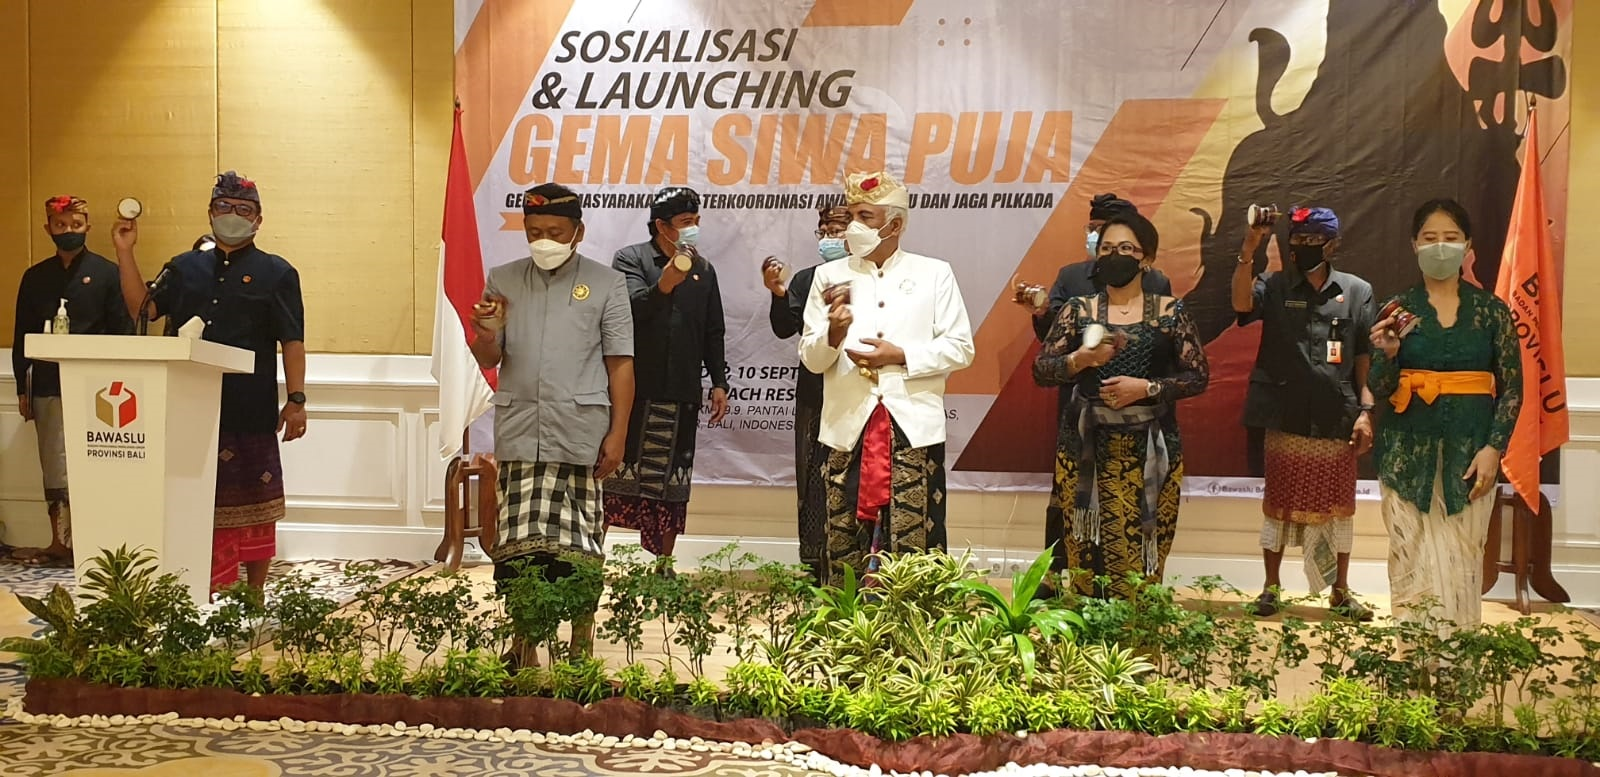 KETUA Bawaslu Bali, Ketut Ariyani (dua kanan depan) bersama perwakilan undangan membunyikan damaru sebagai tanda diluncurkan program Gema Siwa Puja, Jumat (10/9/2021). Foto: hen